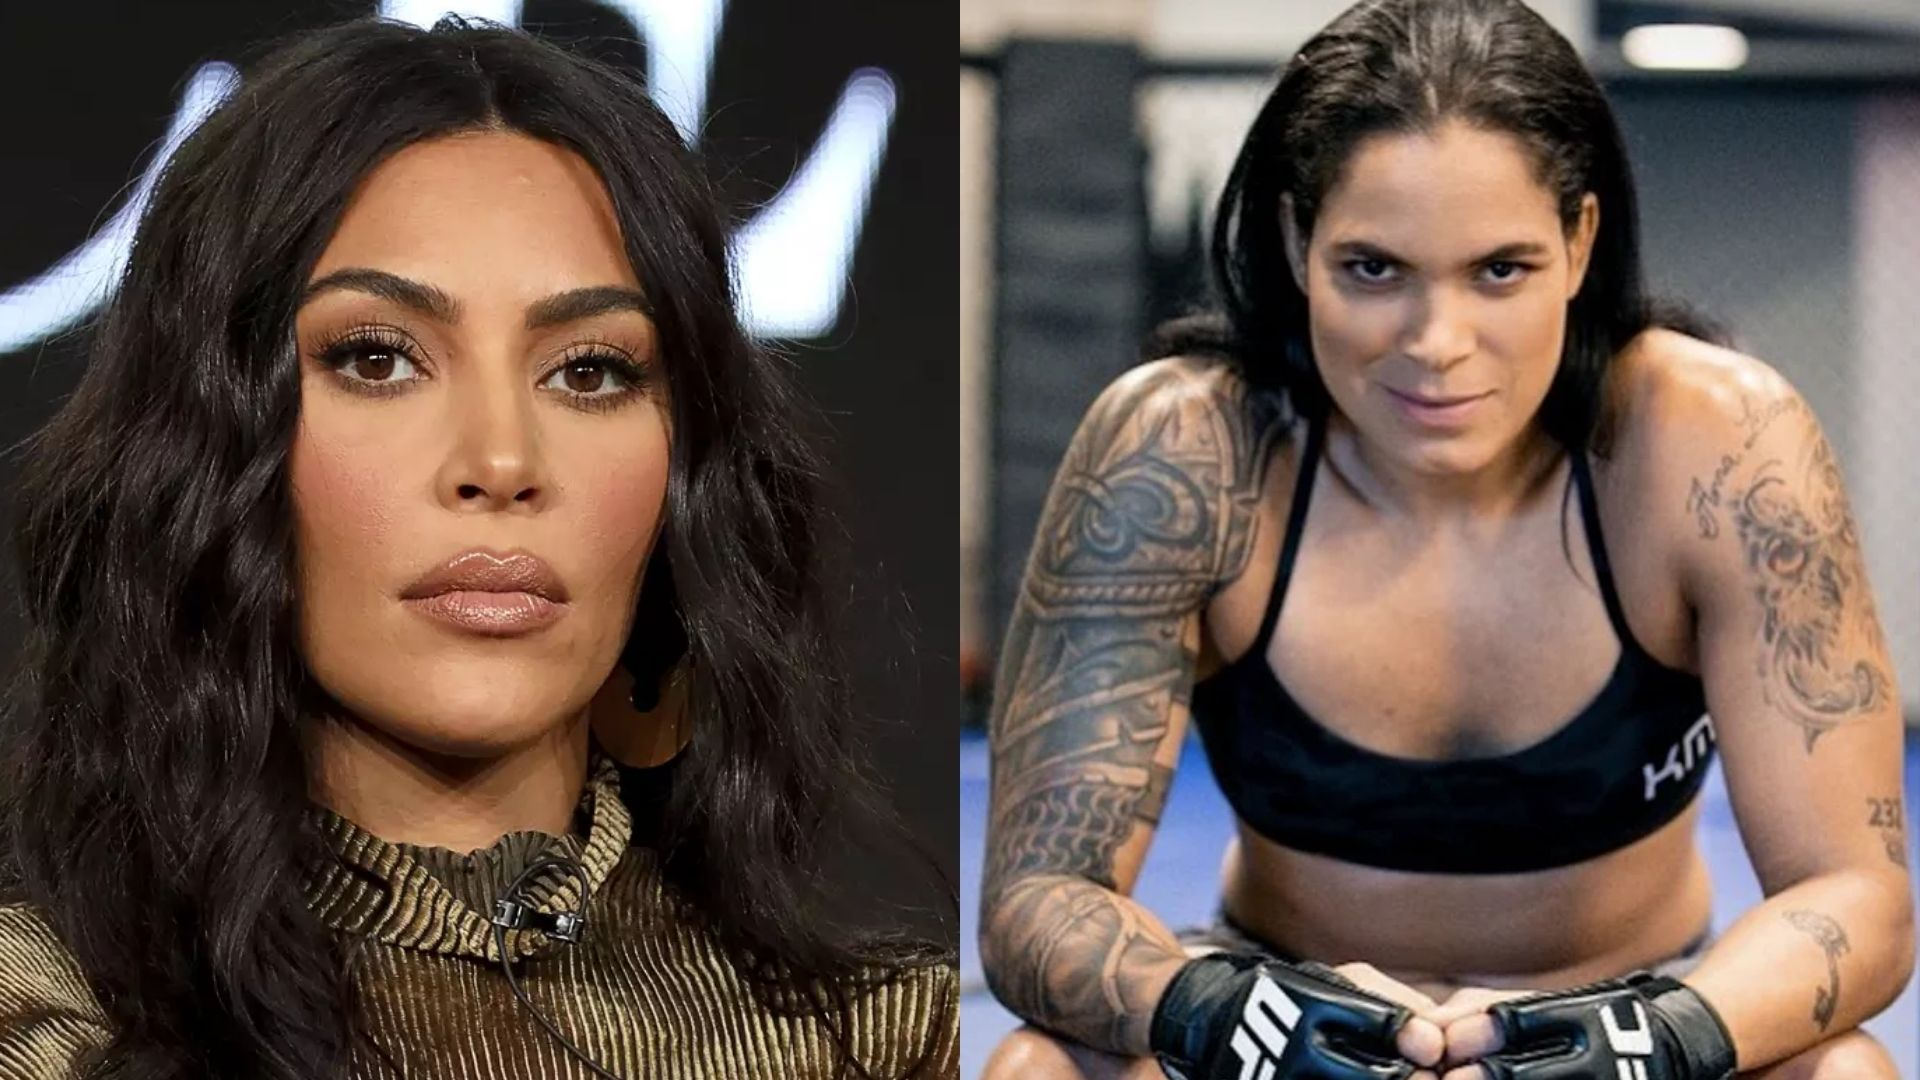 Amanda Nunes proposes a fight to Kim Kardashian